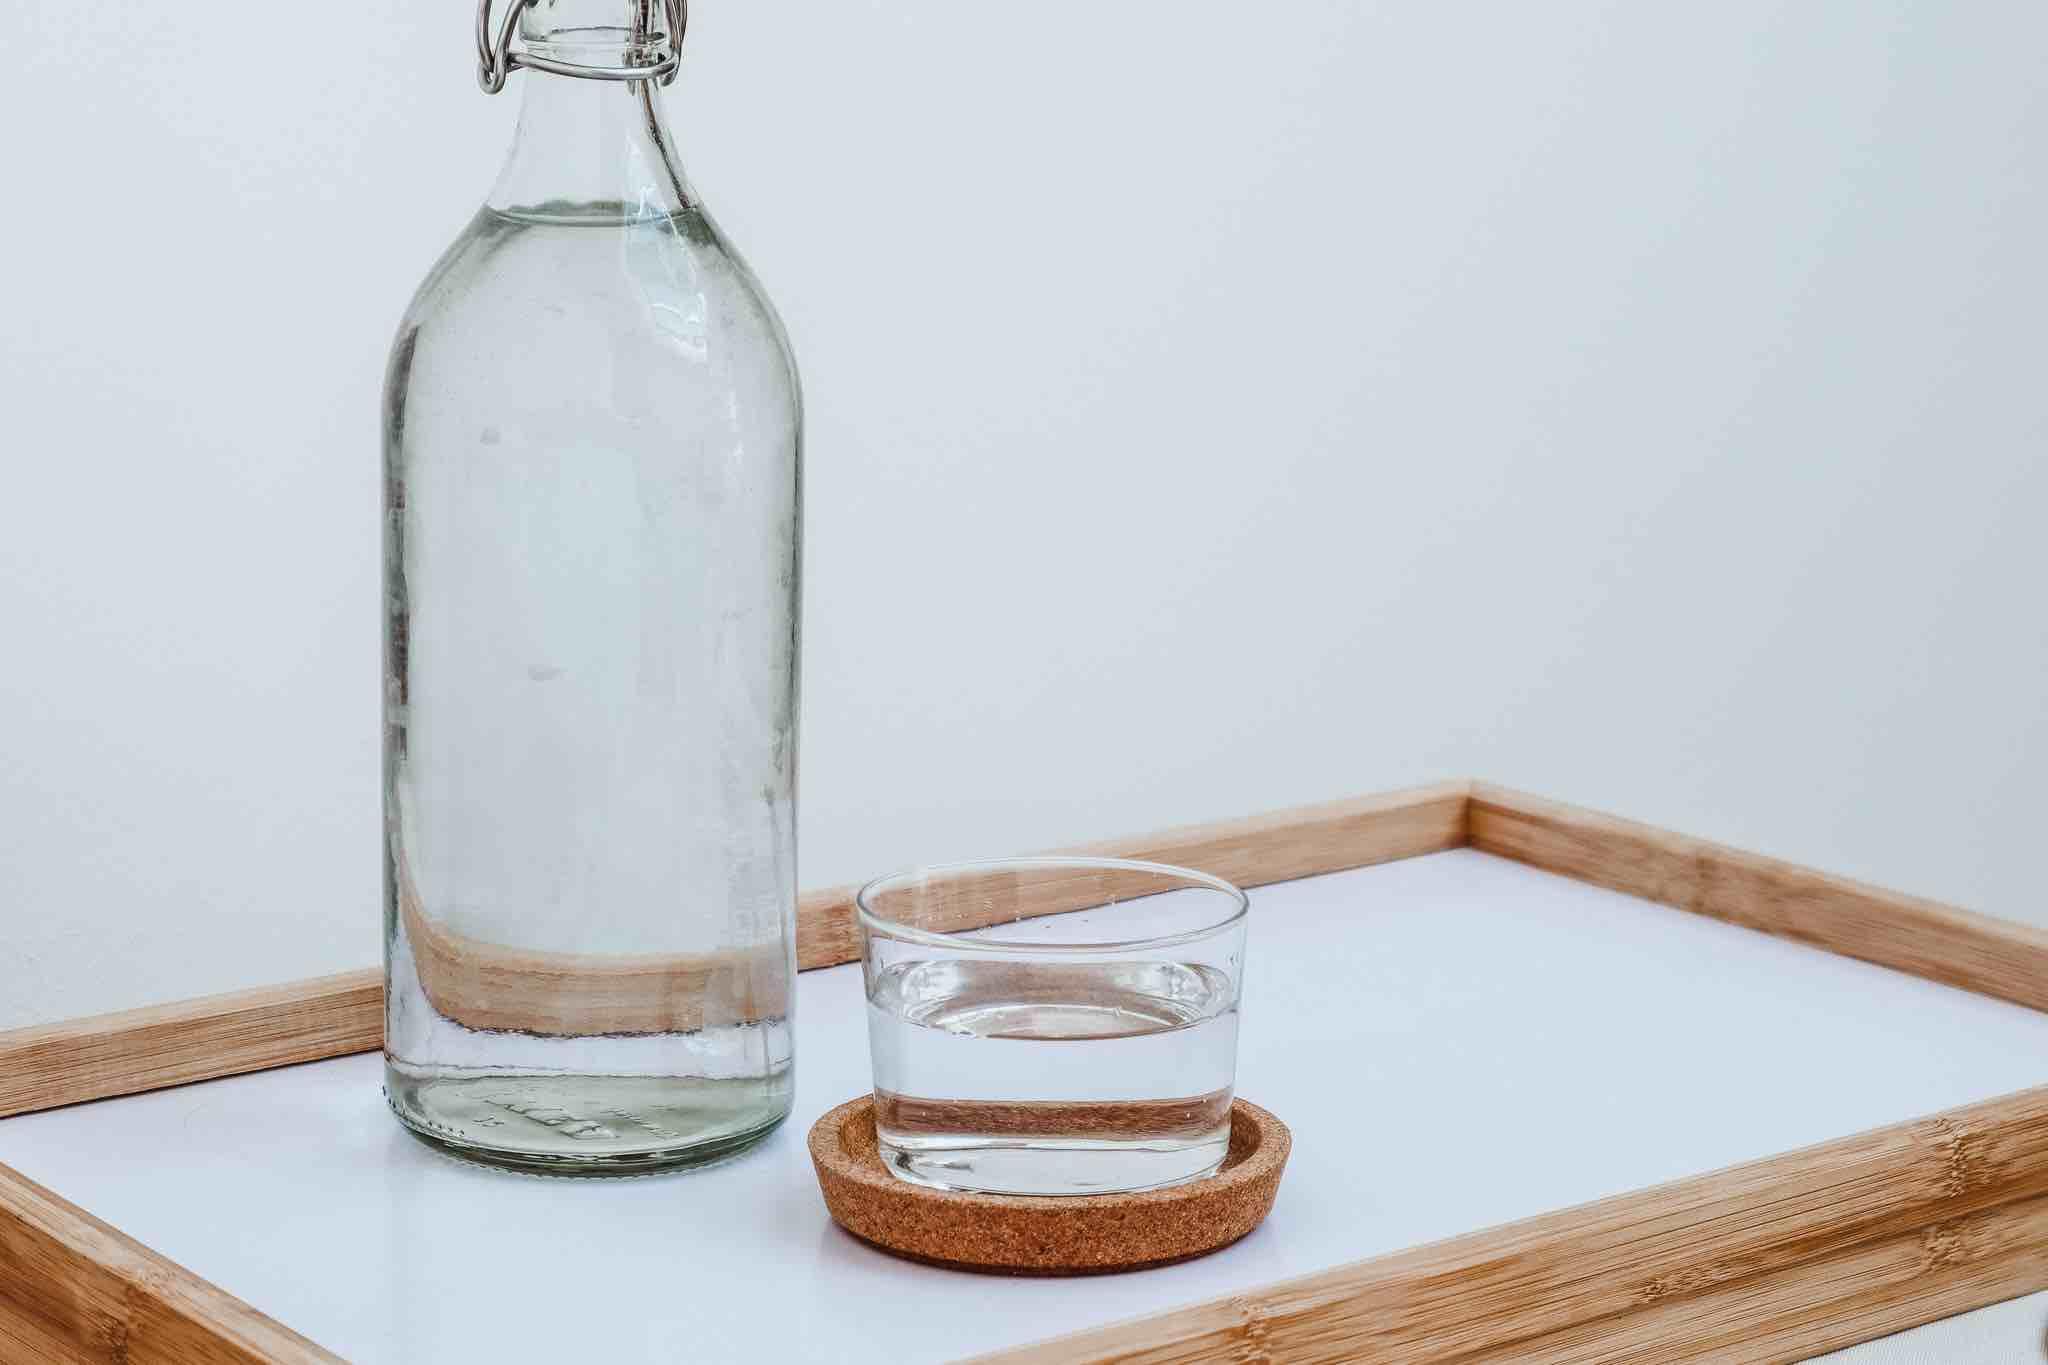 Nitrat im Wasser: Für sauberes Wasser brauchen wir biologische Landwirtschaft